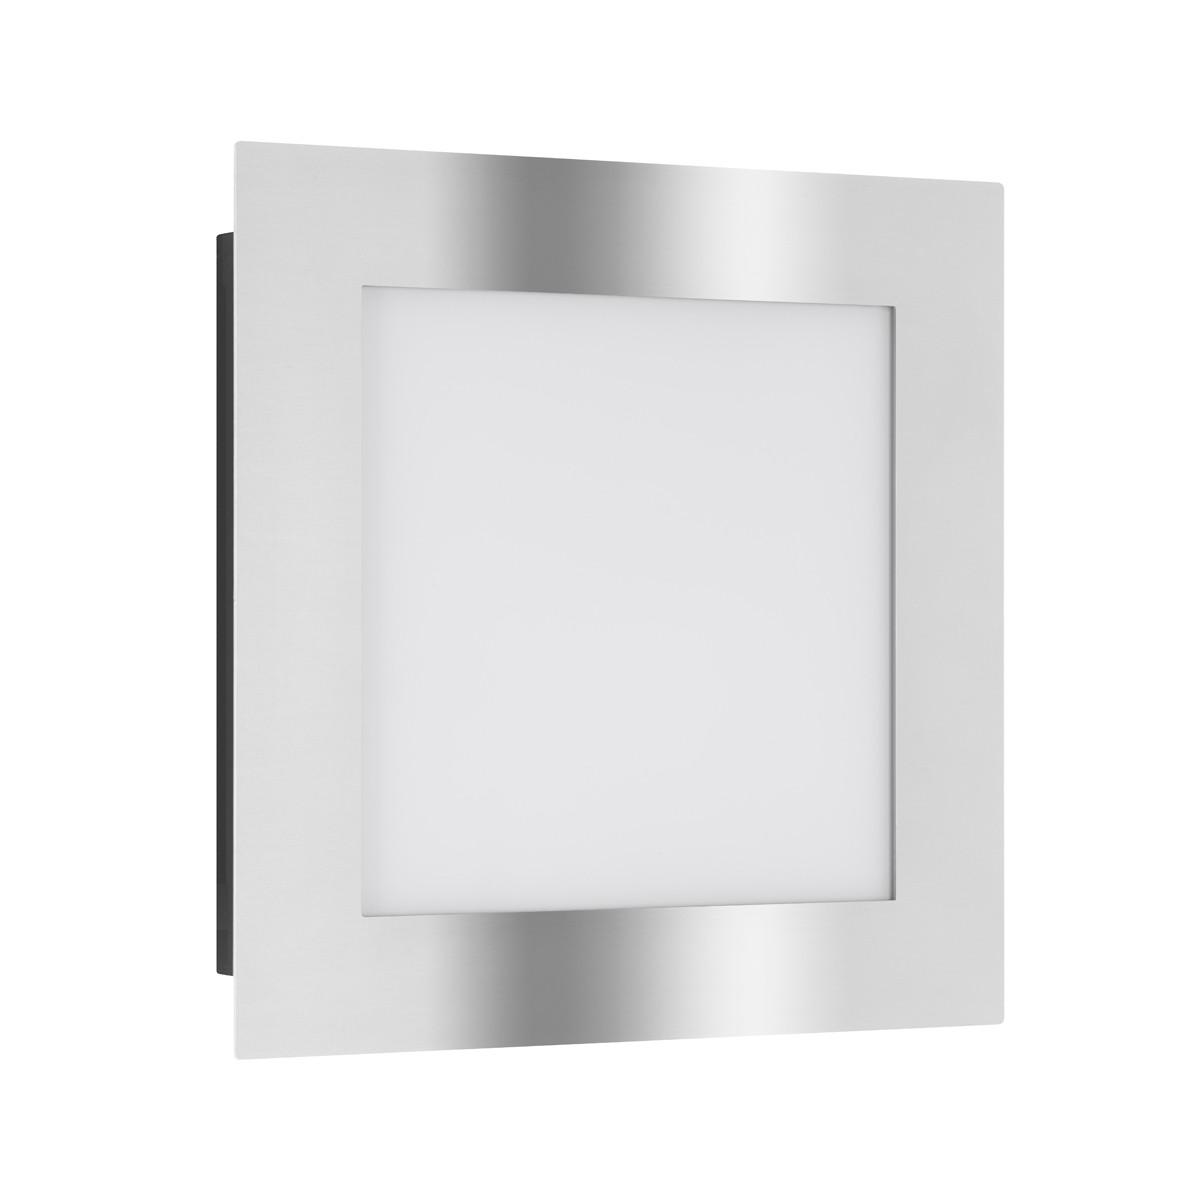 LCD Außenleuchten 3006 Wandleuchte LED, Edelstahl, ohne Bewegungsmelder